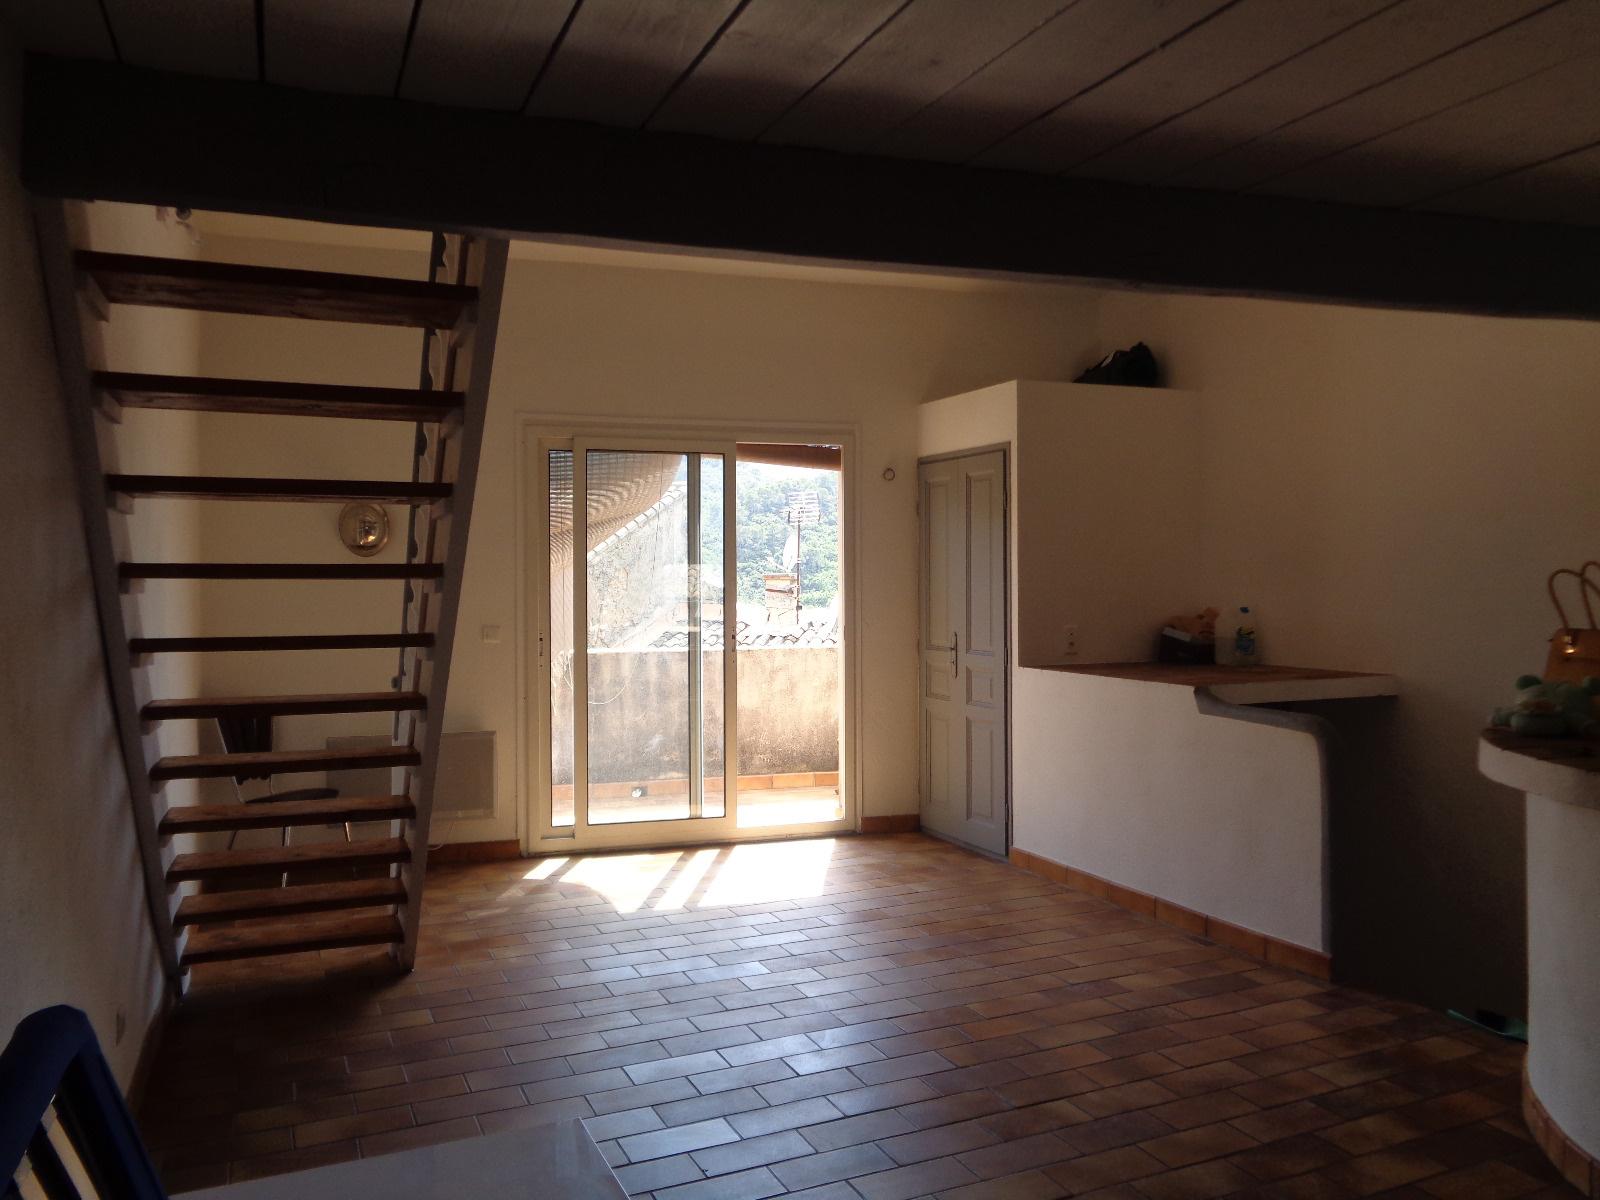 location aix en provence location appartement aix en provence maisons louer. Black Bedroom Furniture Sets. Home Design Ideas